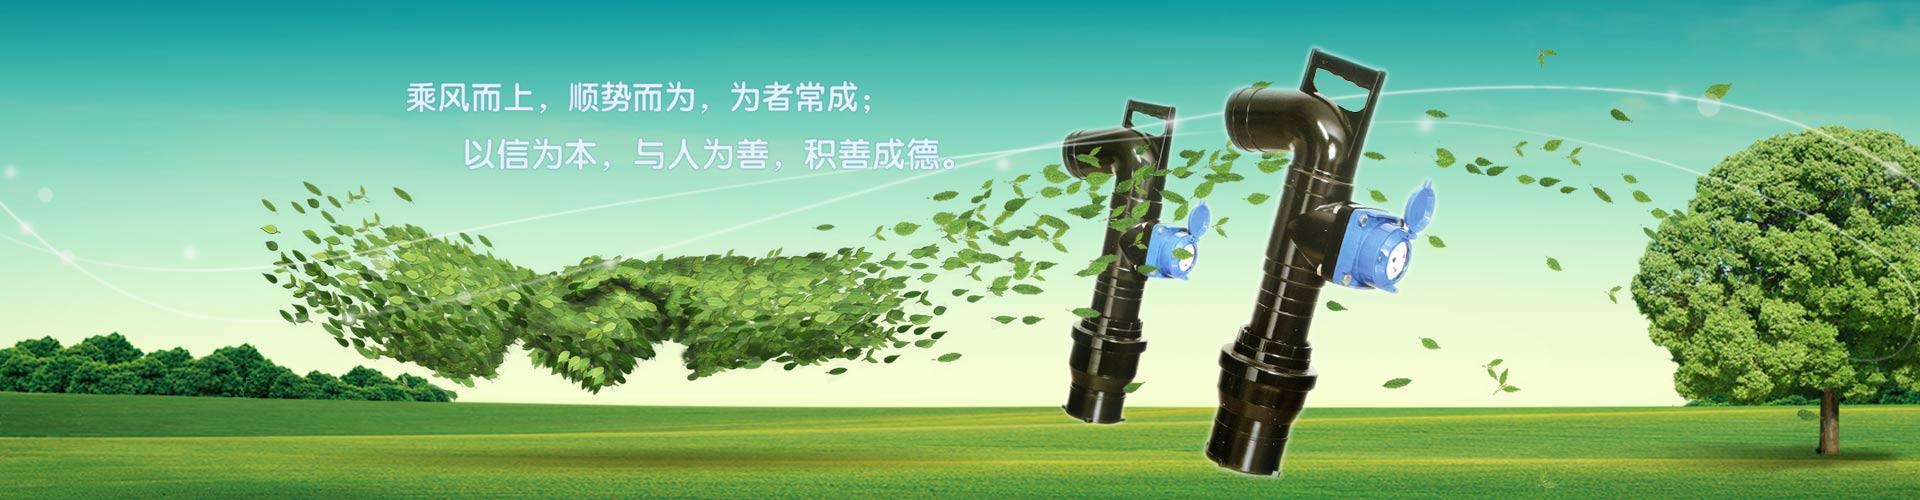 给水栓厂家,批发给水栓,临清给水栓厂家,山东给水栓厂家